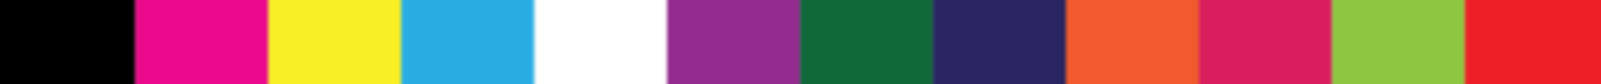 empe-colour-strip.jpg